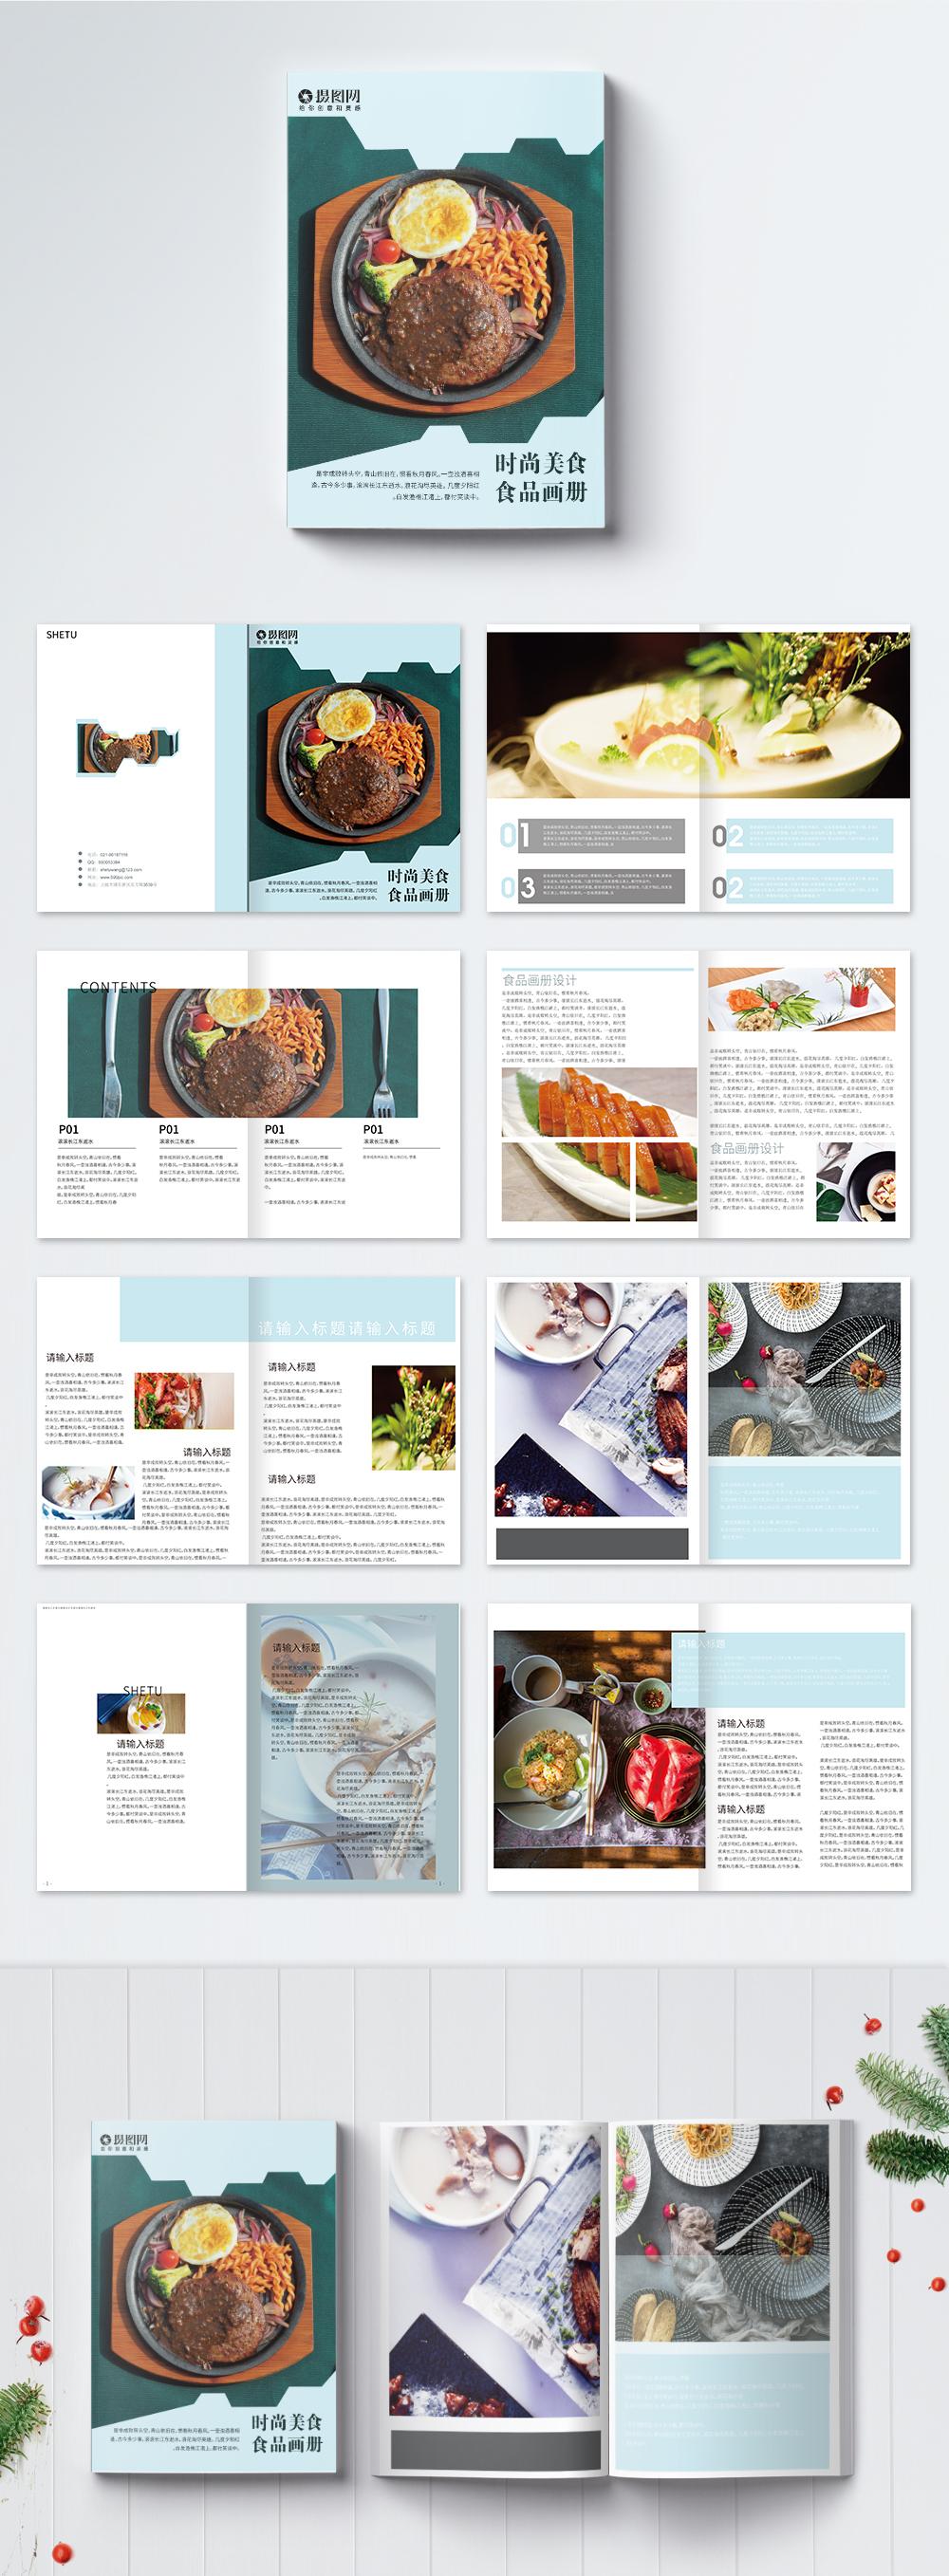 時尚美食雜誌畫冊圖片素材-AI圖片尺寸1000 × 695px-高清圖片400176669-zh.lovepik.com